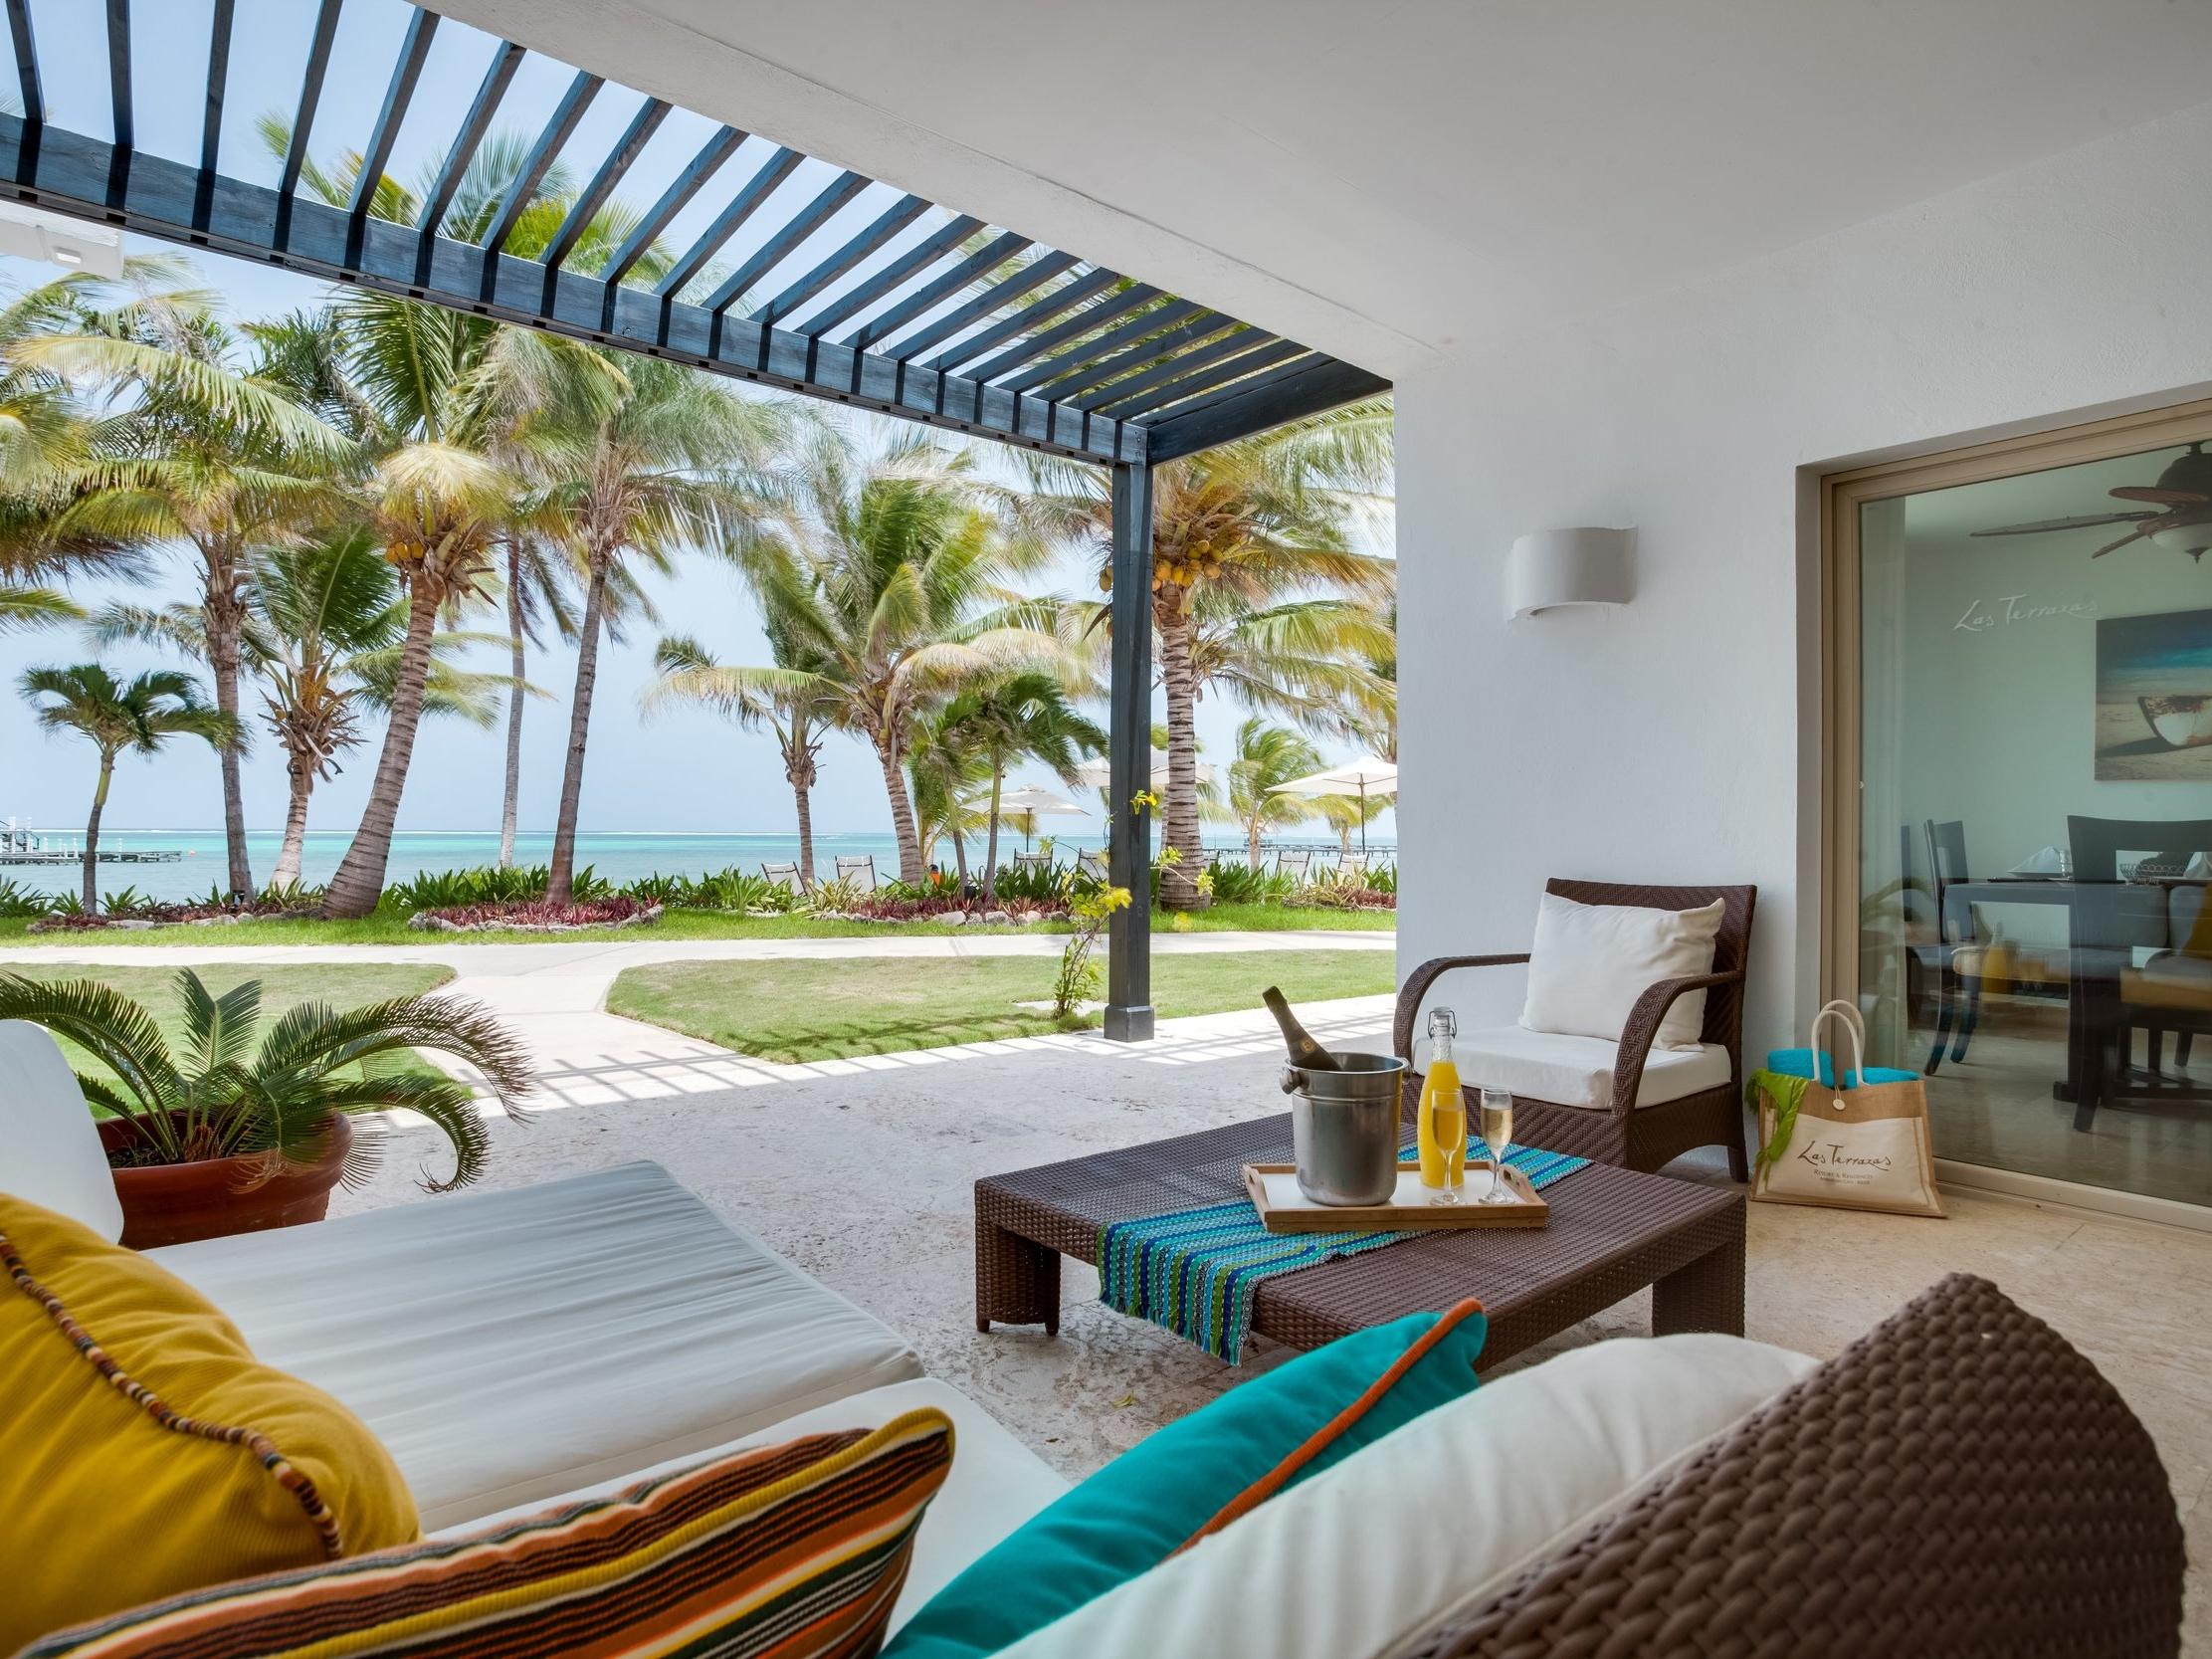 Ocean Front Sea House at Las Terrazas Resort